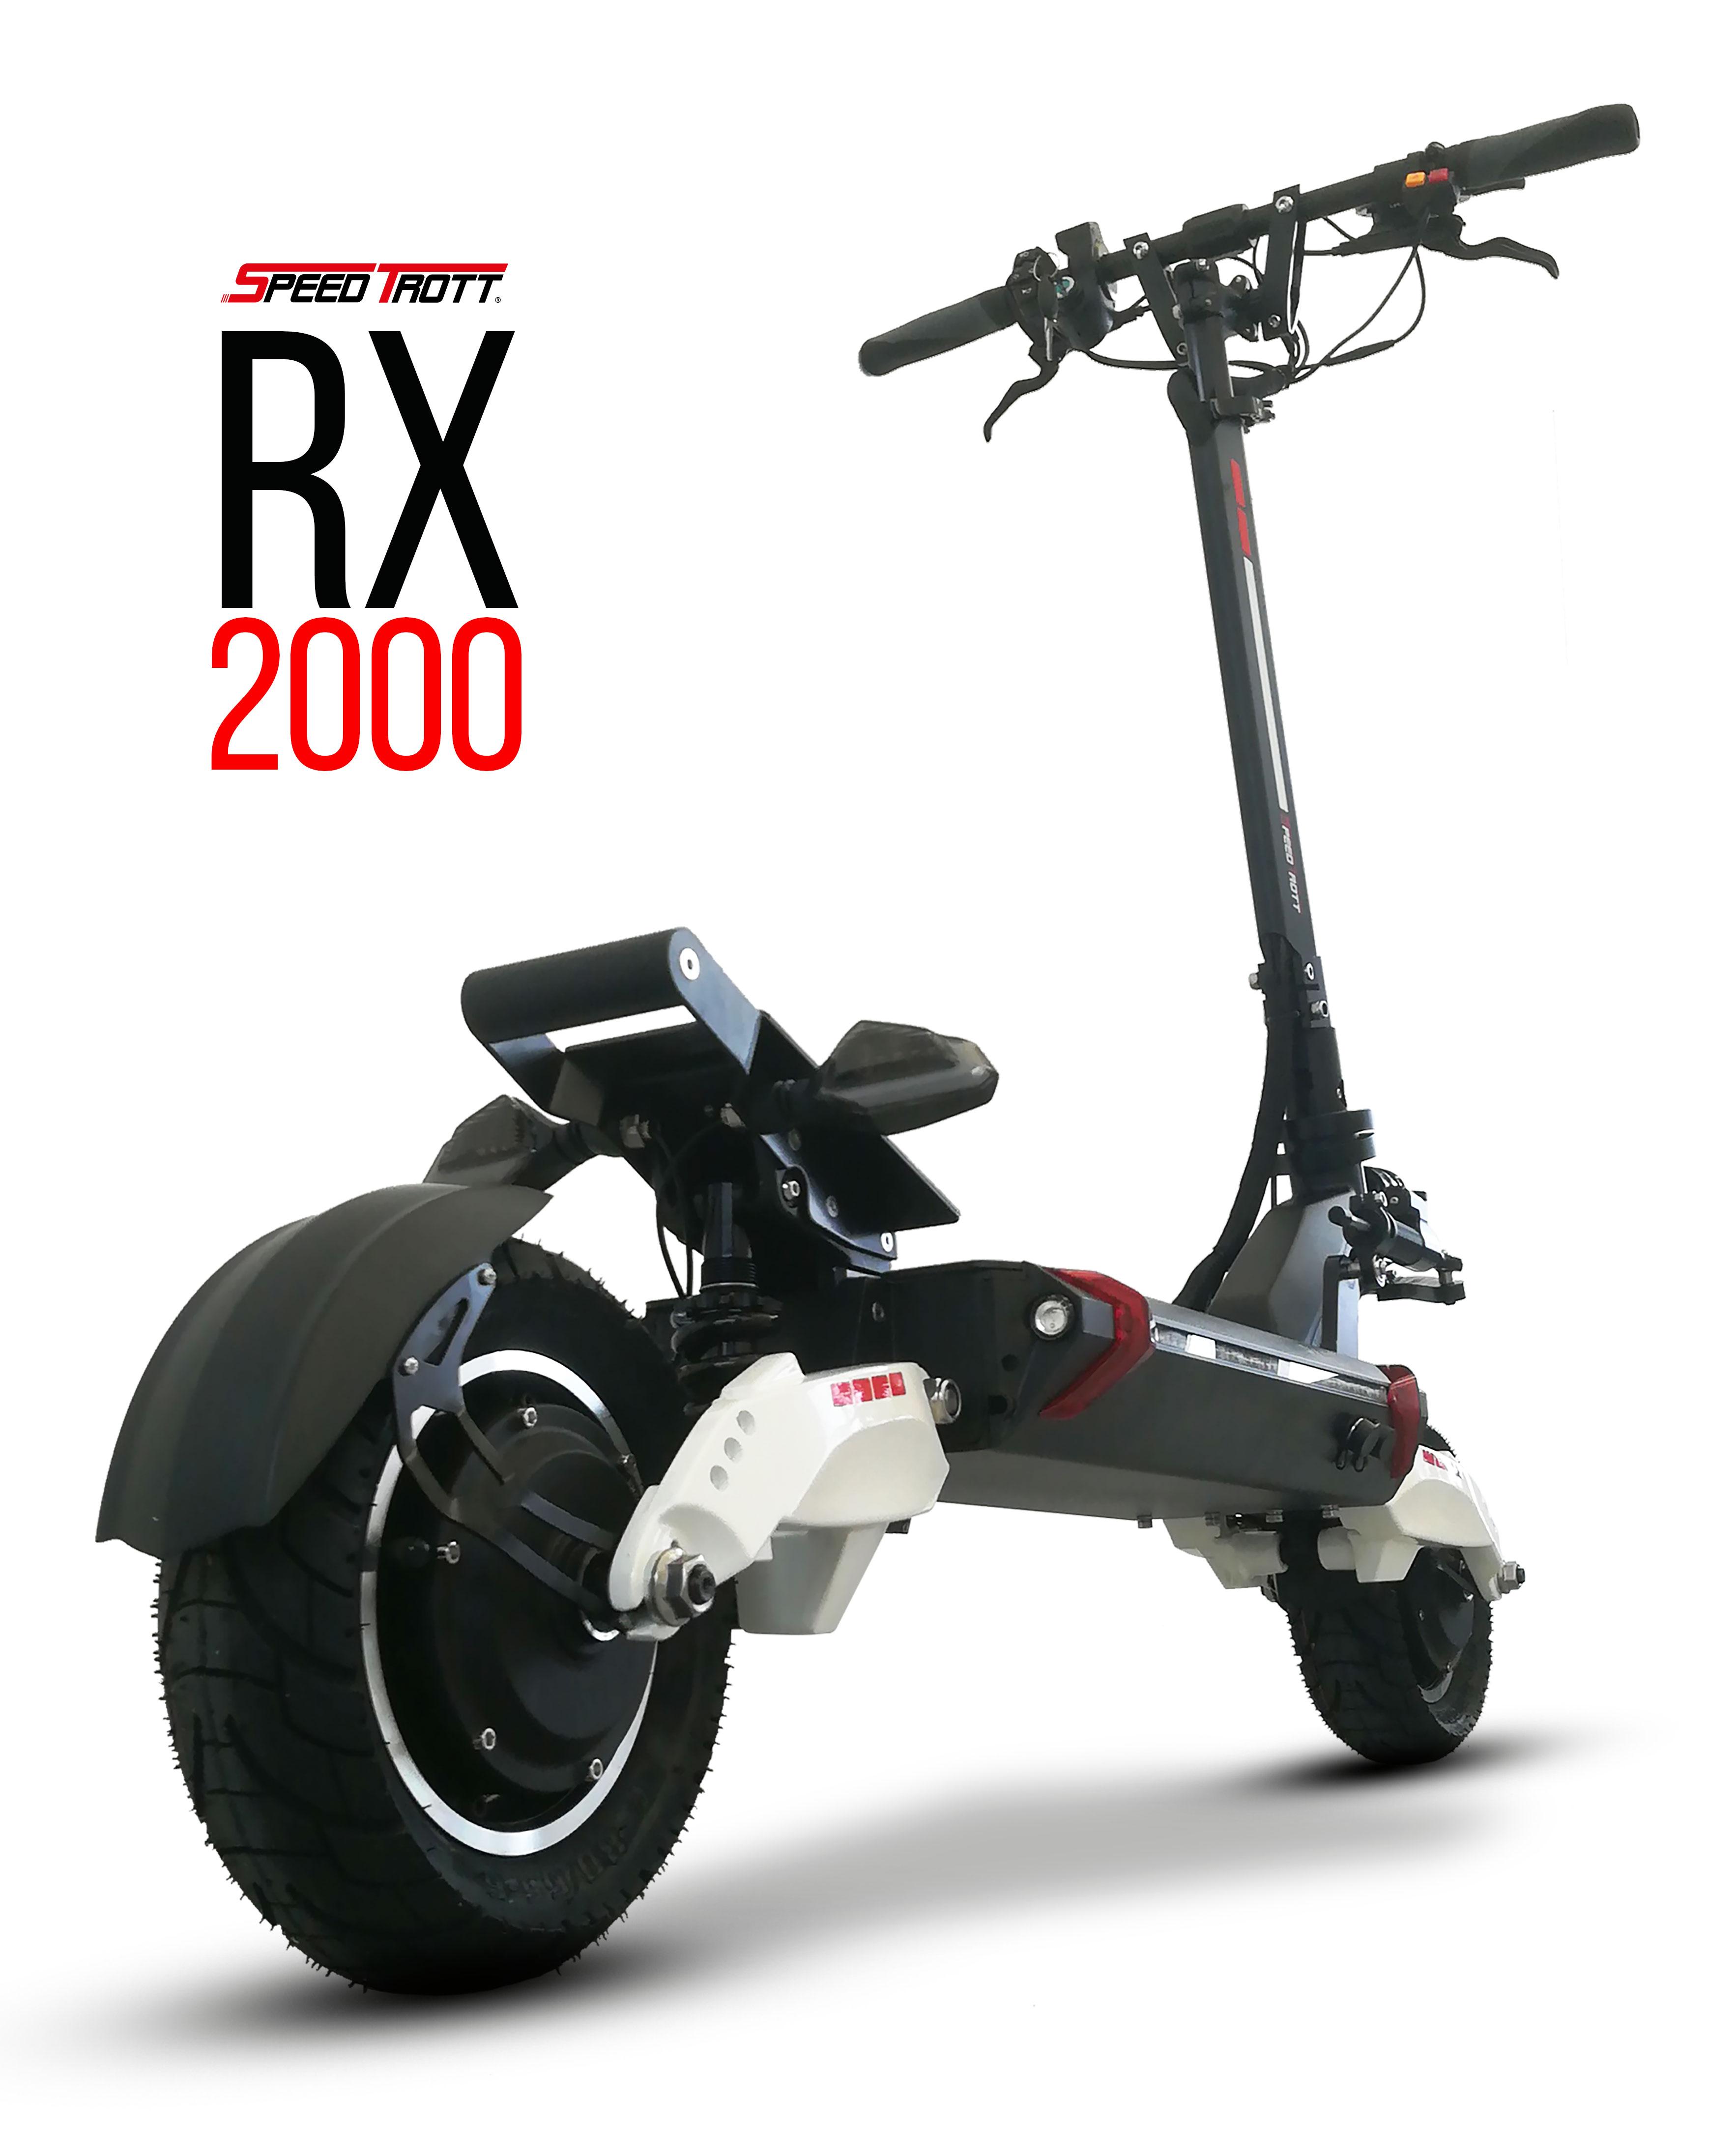 RX2000_SPEEDTROTT_02.jpg